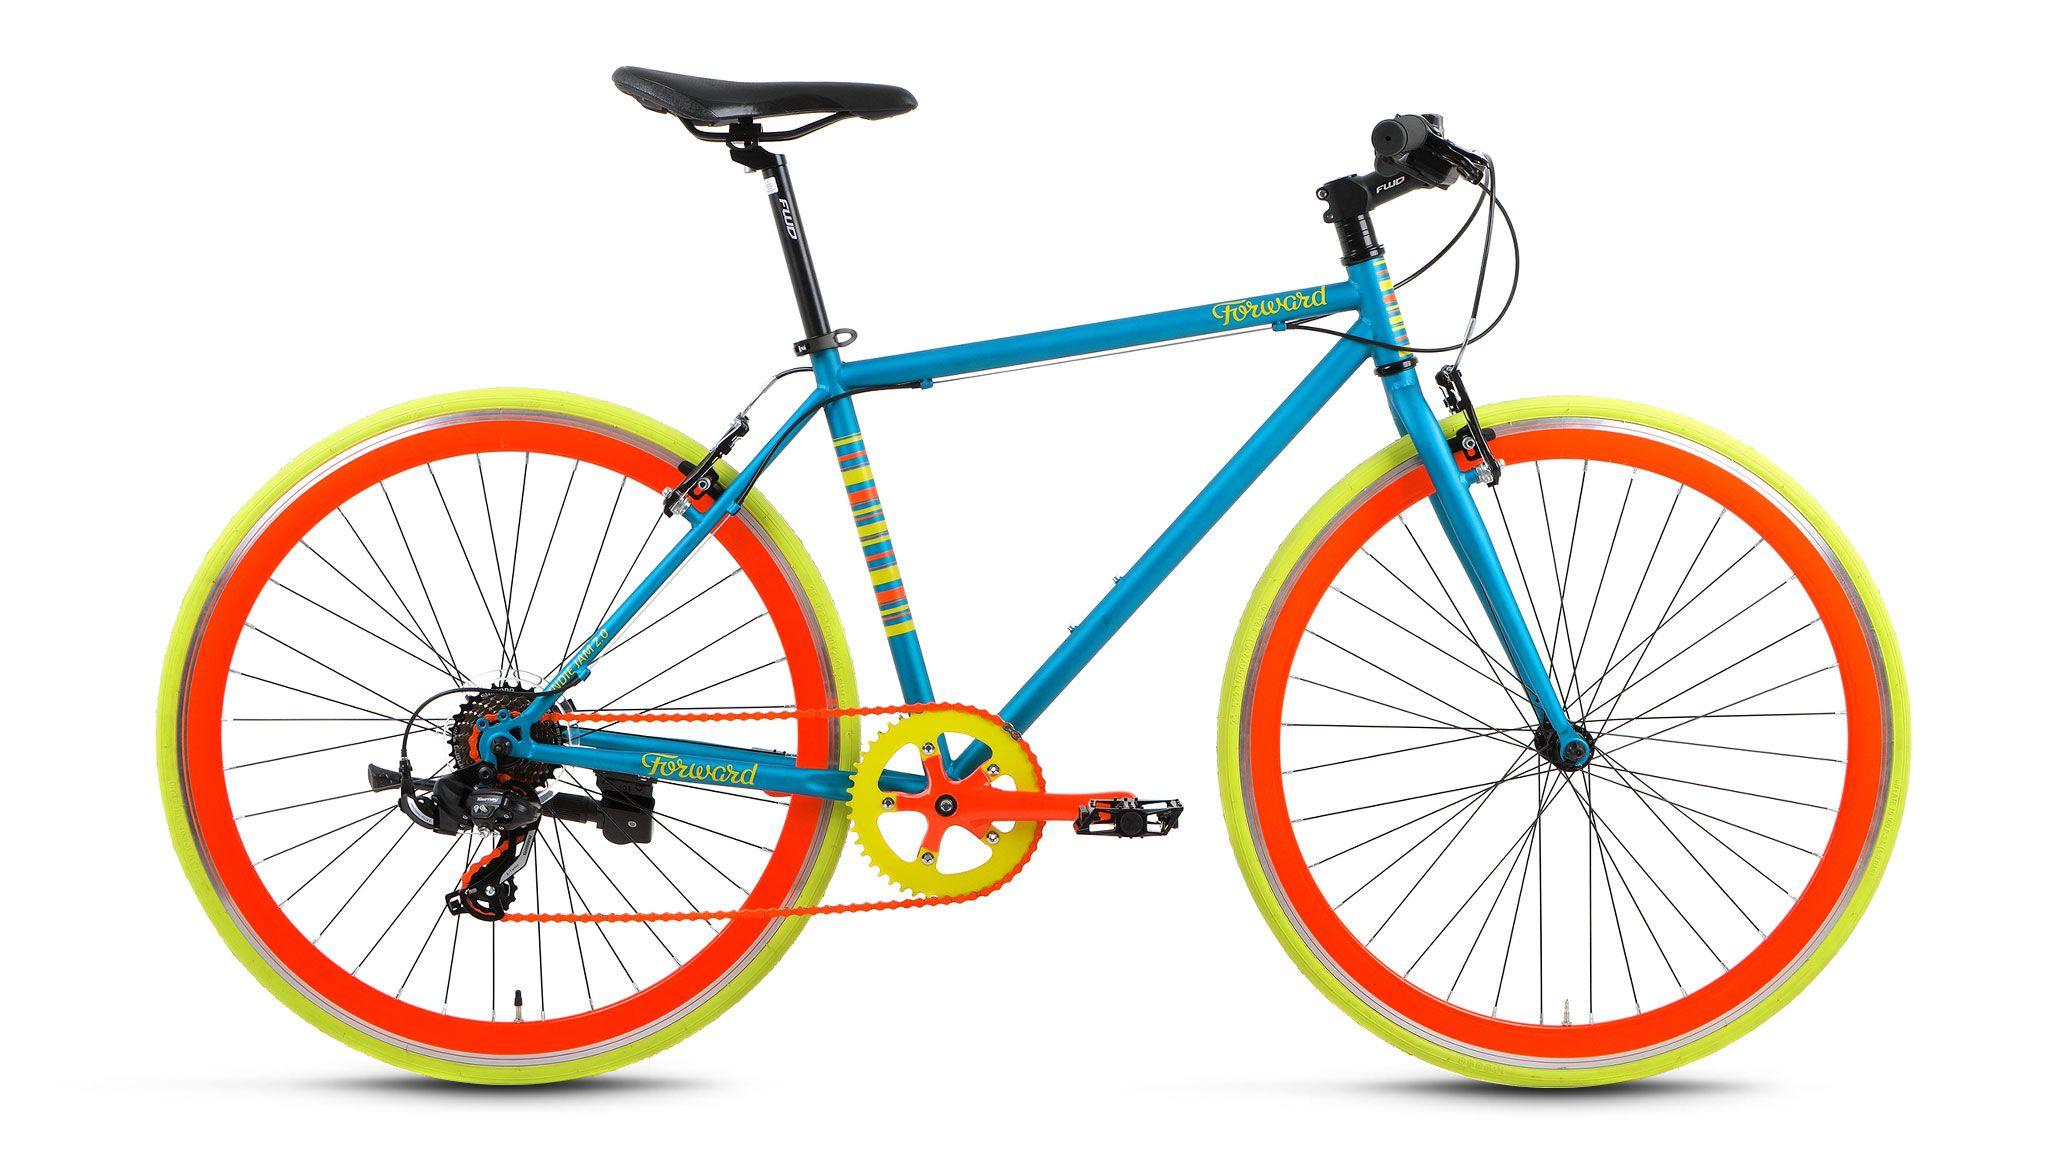 Велосипед Forward Indie Jam 2.0 (2017) зеленый 18КОМФОРТНАЯ ПОСАДКА<br><br><br>бренд: FORWARD<br>год: 2017<br>рама: Сталь (Hi-Ten)<br>вилка: Жесткая (сталь)<br>блокировка амортизатора: Нет<br>диаметр колес: 700C<br>тормоза: Ободные (V-brake)<br>уровень оборудования: Начальный<br>количество скоростей: 7<br>Цвет: зеленый<br>Размер: 18